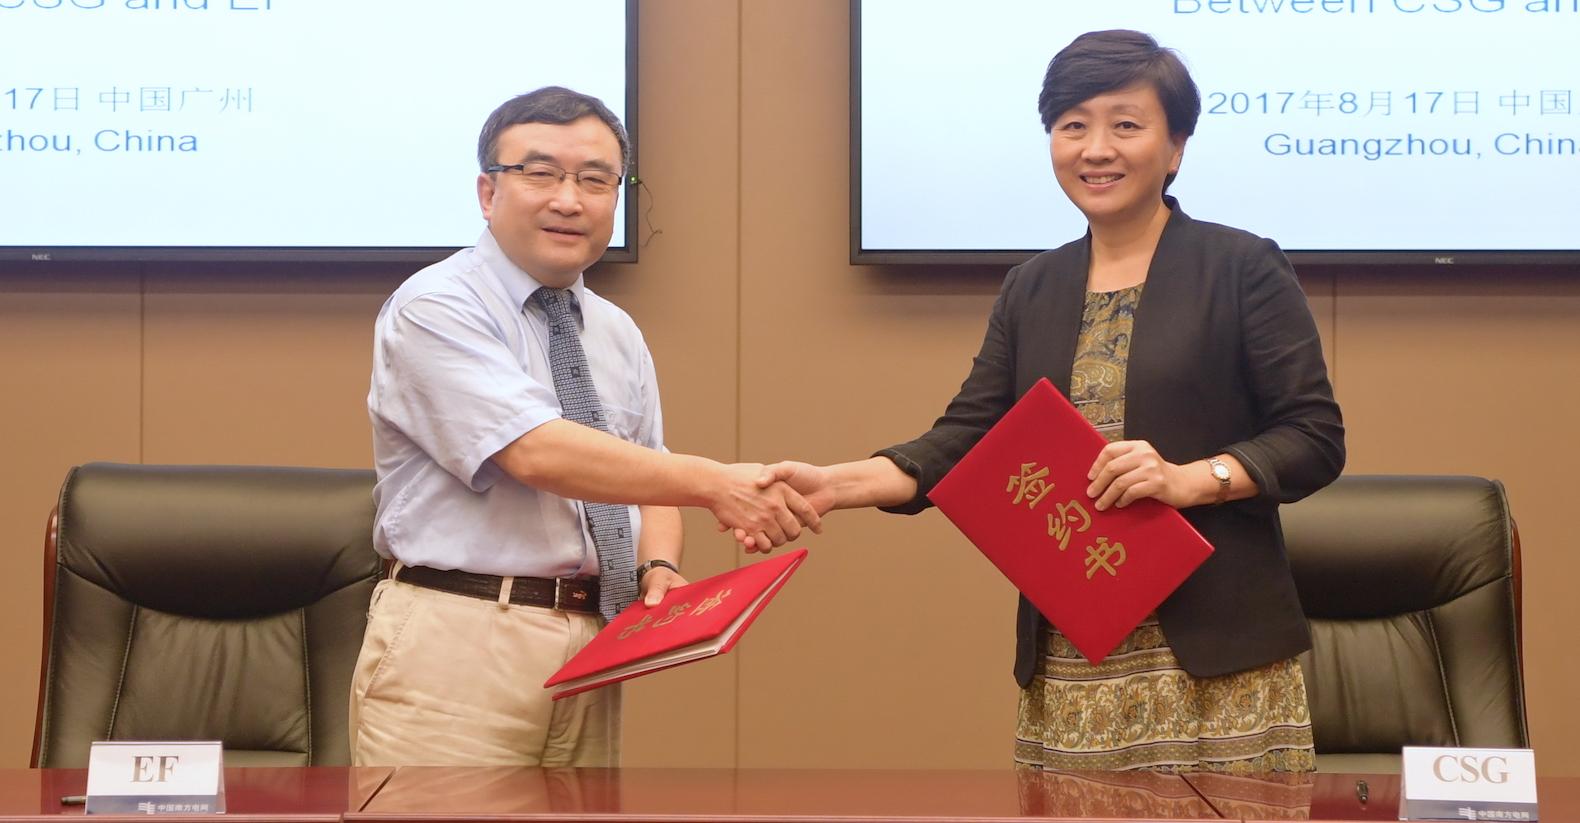 能源基金会与中国南方电网公司签署合作谅解备忘录